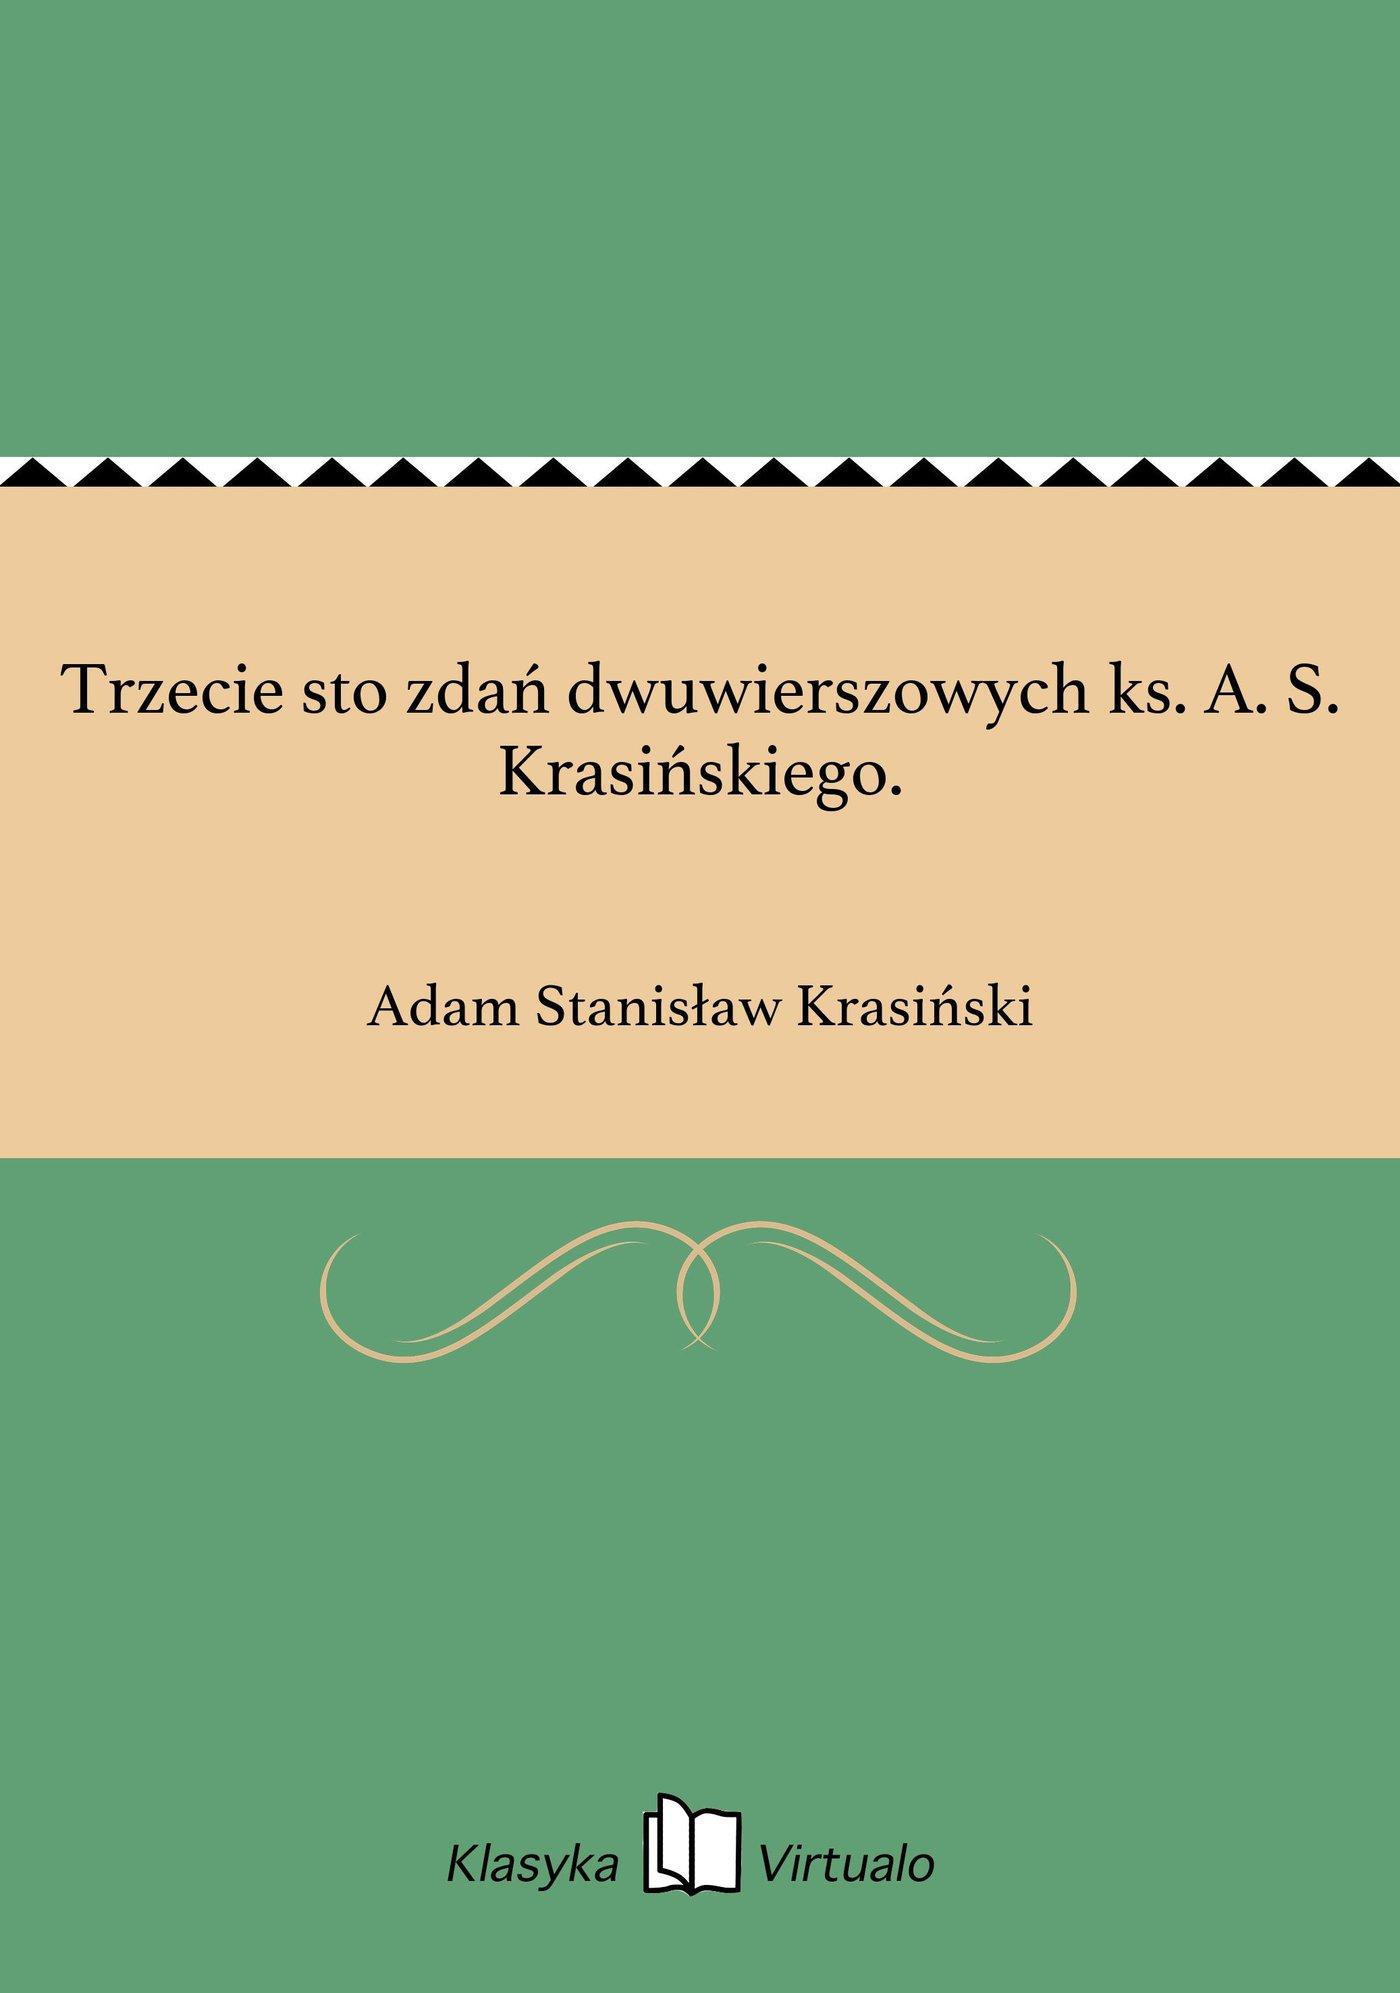 Trzecie sto zdań dwuwierszowych ks. A. S. Krasińskiego. - Ebook (Książka EPUB) do pobrania w formacie EPUB